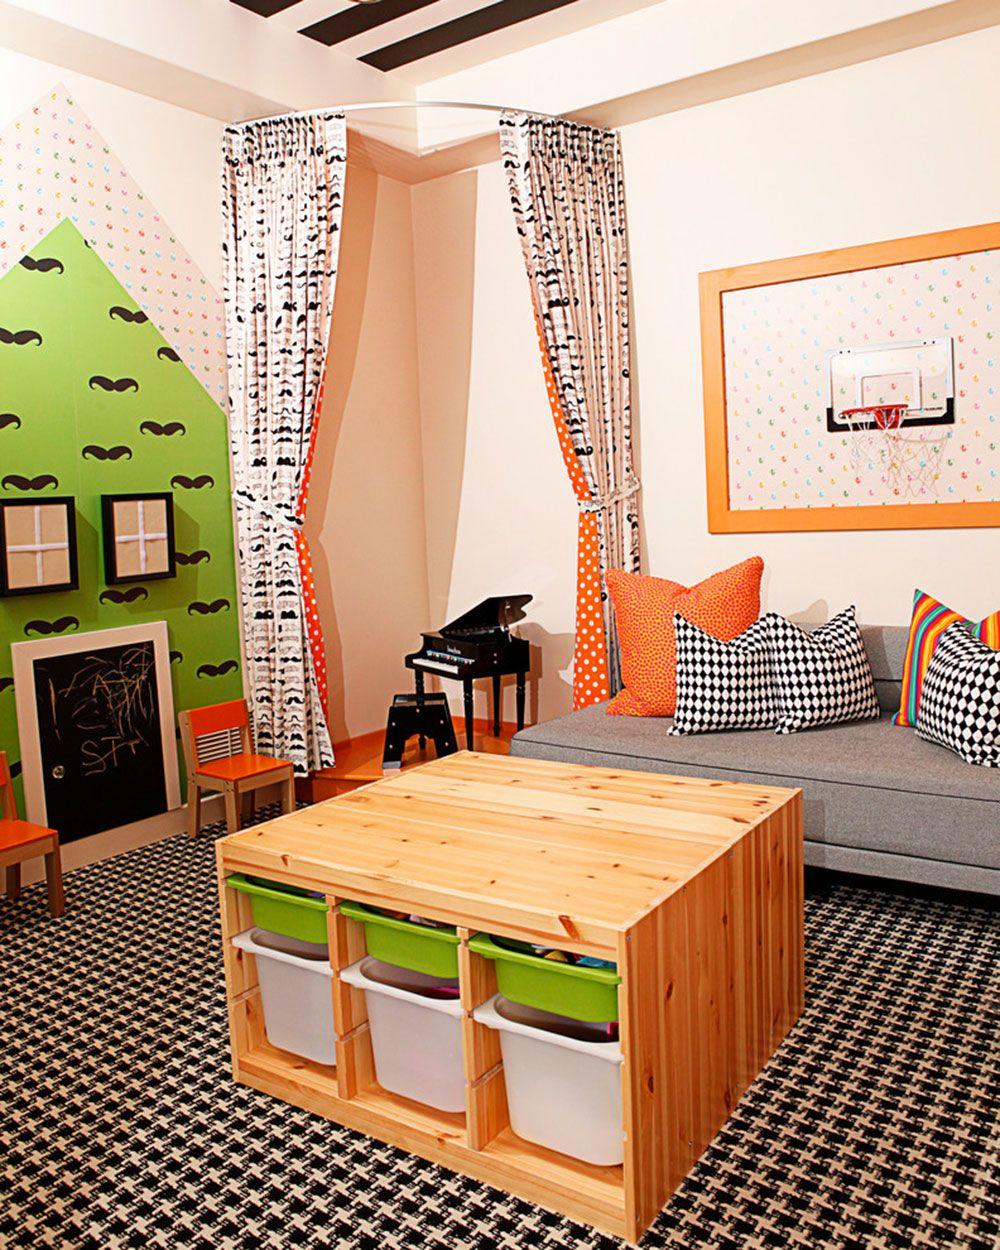 Home daycare design-ideen smartorganizationalideasforkidsplayroom  kinderzimmer